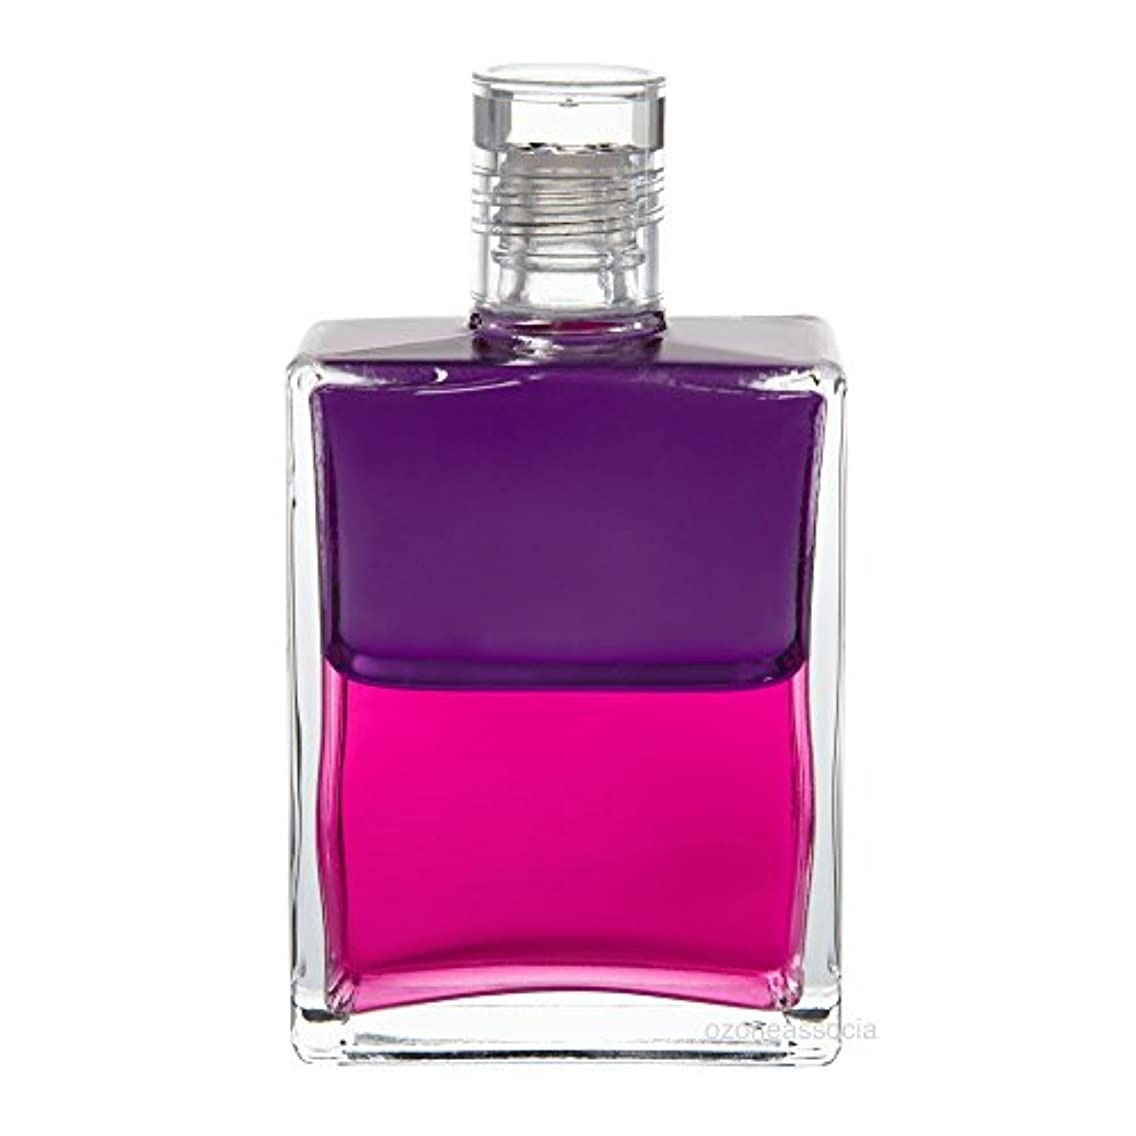 記憶に残るビート熟達オーラソーマ ボトル 25番  回復期/ナイチンゲールのボトル (パープル/マゼンタ) イクイリブリアムボトル50ml Aurasoma